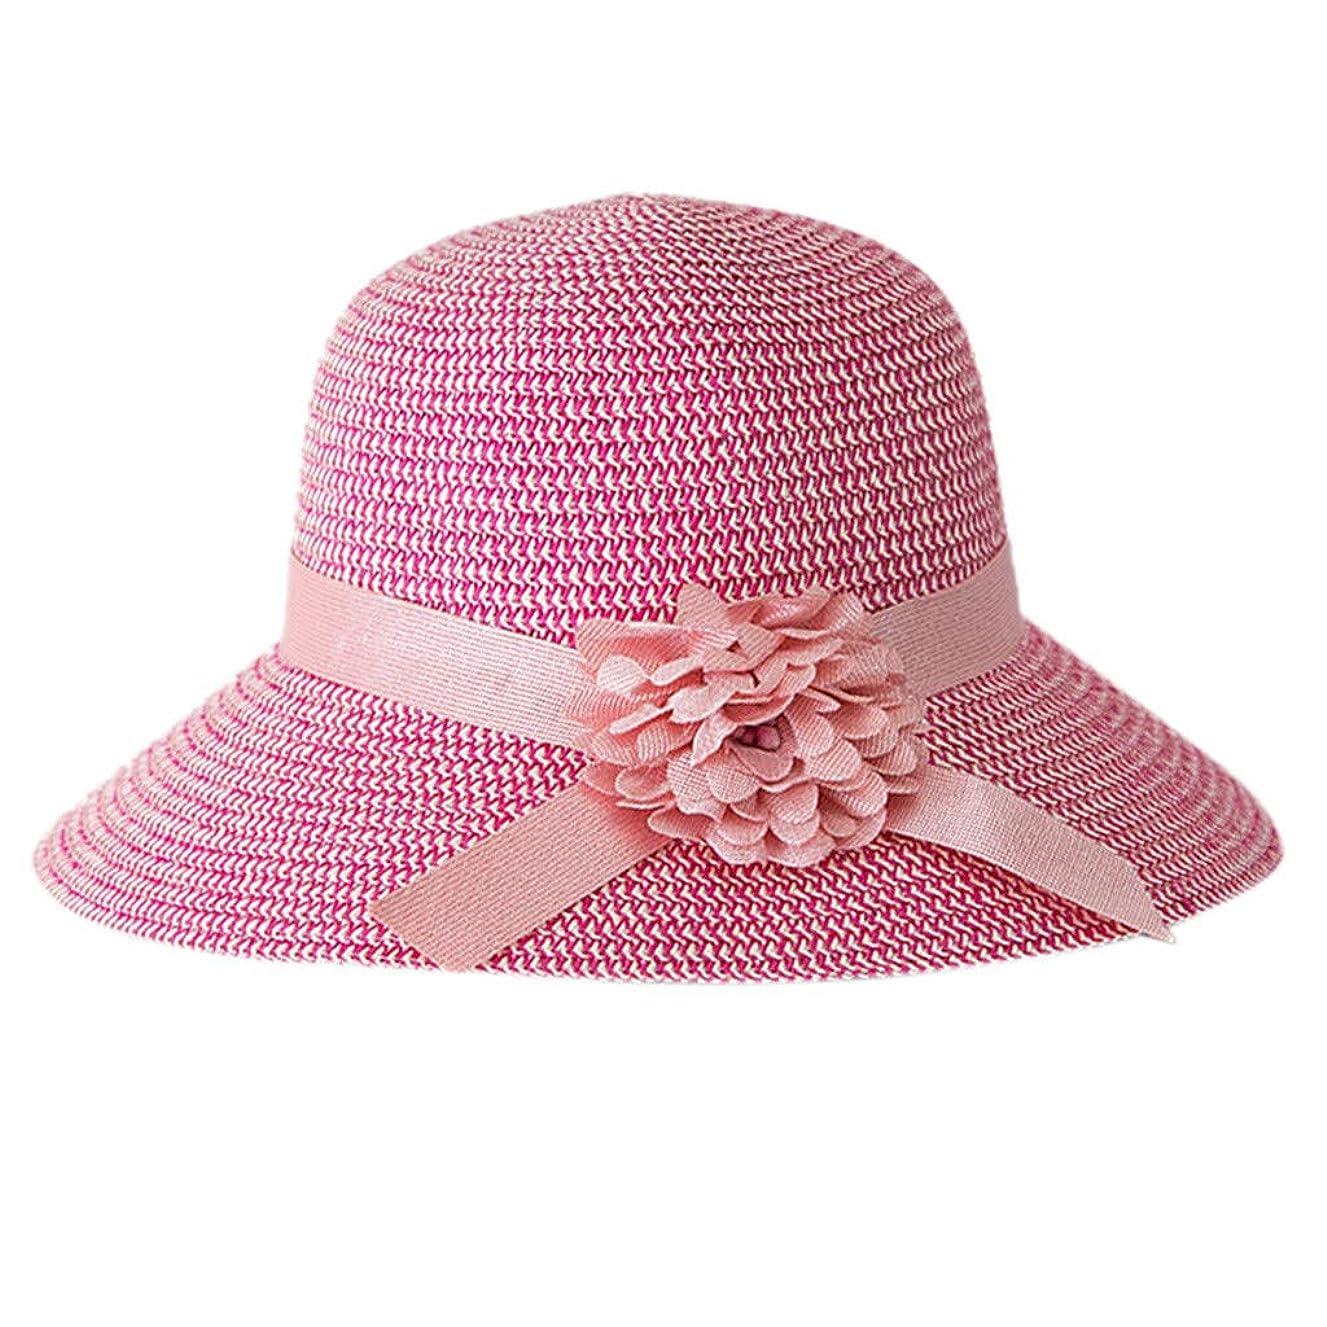 平衡カーフガス日よけ帽子 レディース ハット 帽子 日よけ サンバイザー ウォーキング UVカット ハット 紫外線対策 可愛い 小顔効果抜群 大きいサイズ つば広 折りたたみ ハット レディース 夏 春 アウトドア 無地 花 ROSE ROMAN